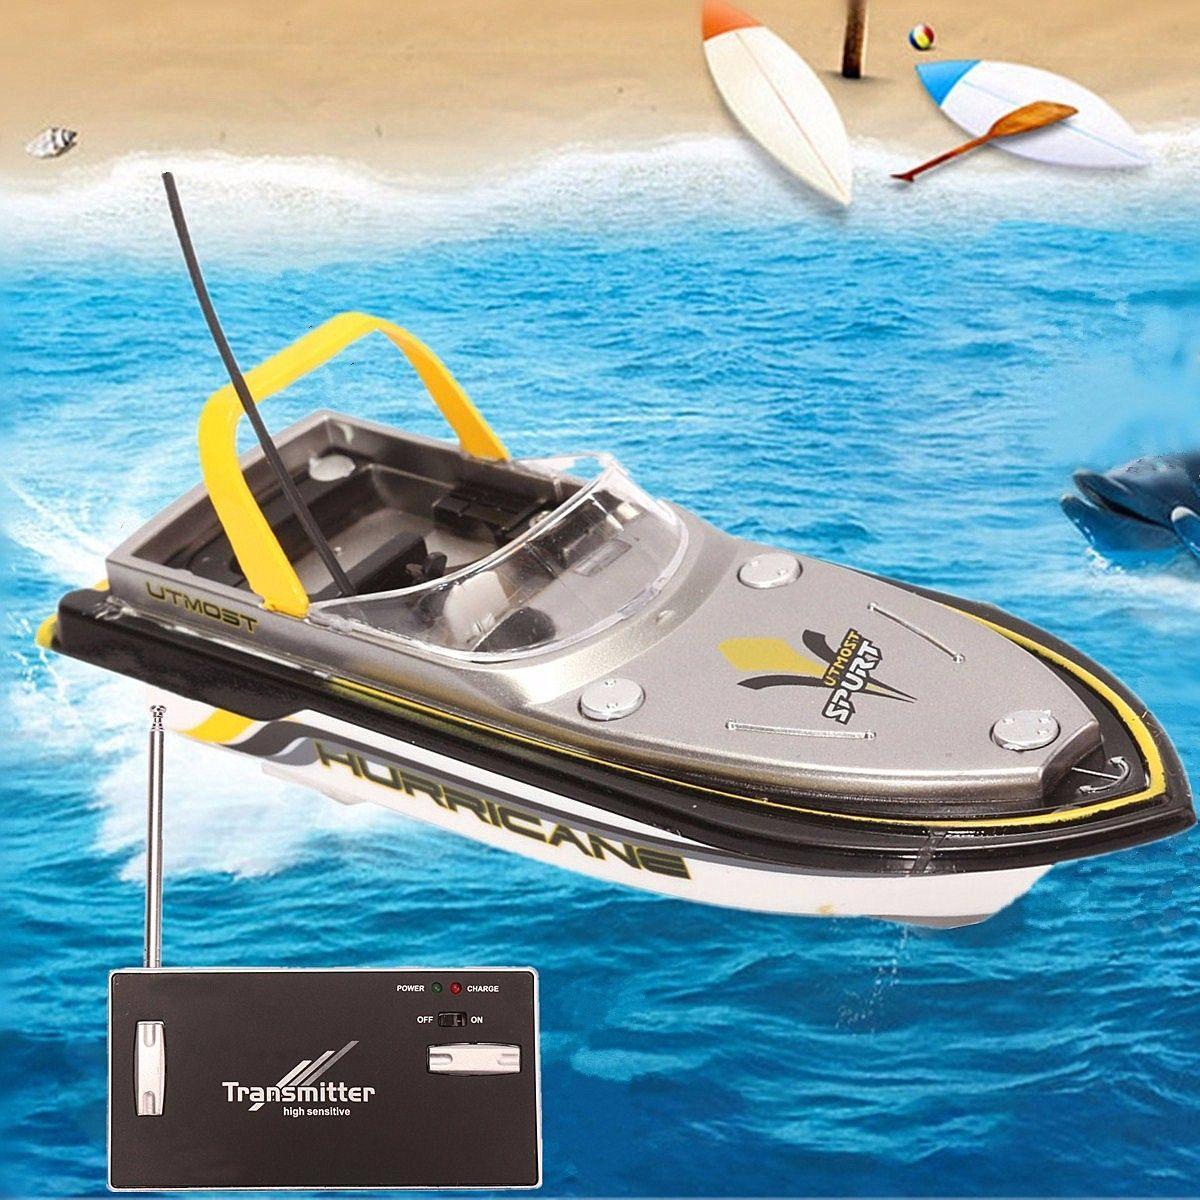 Radio RC elettrico a distanza doppia del motore della nave eccellente di controllo mini di velocità della barca giocattolo per bambini Quick Charge 40MHz regalo per il ragazzo intelligente Frequenza Y200414